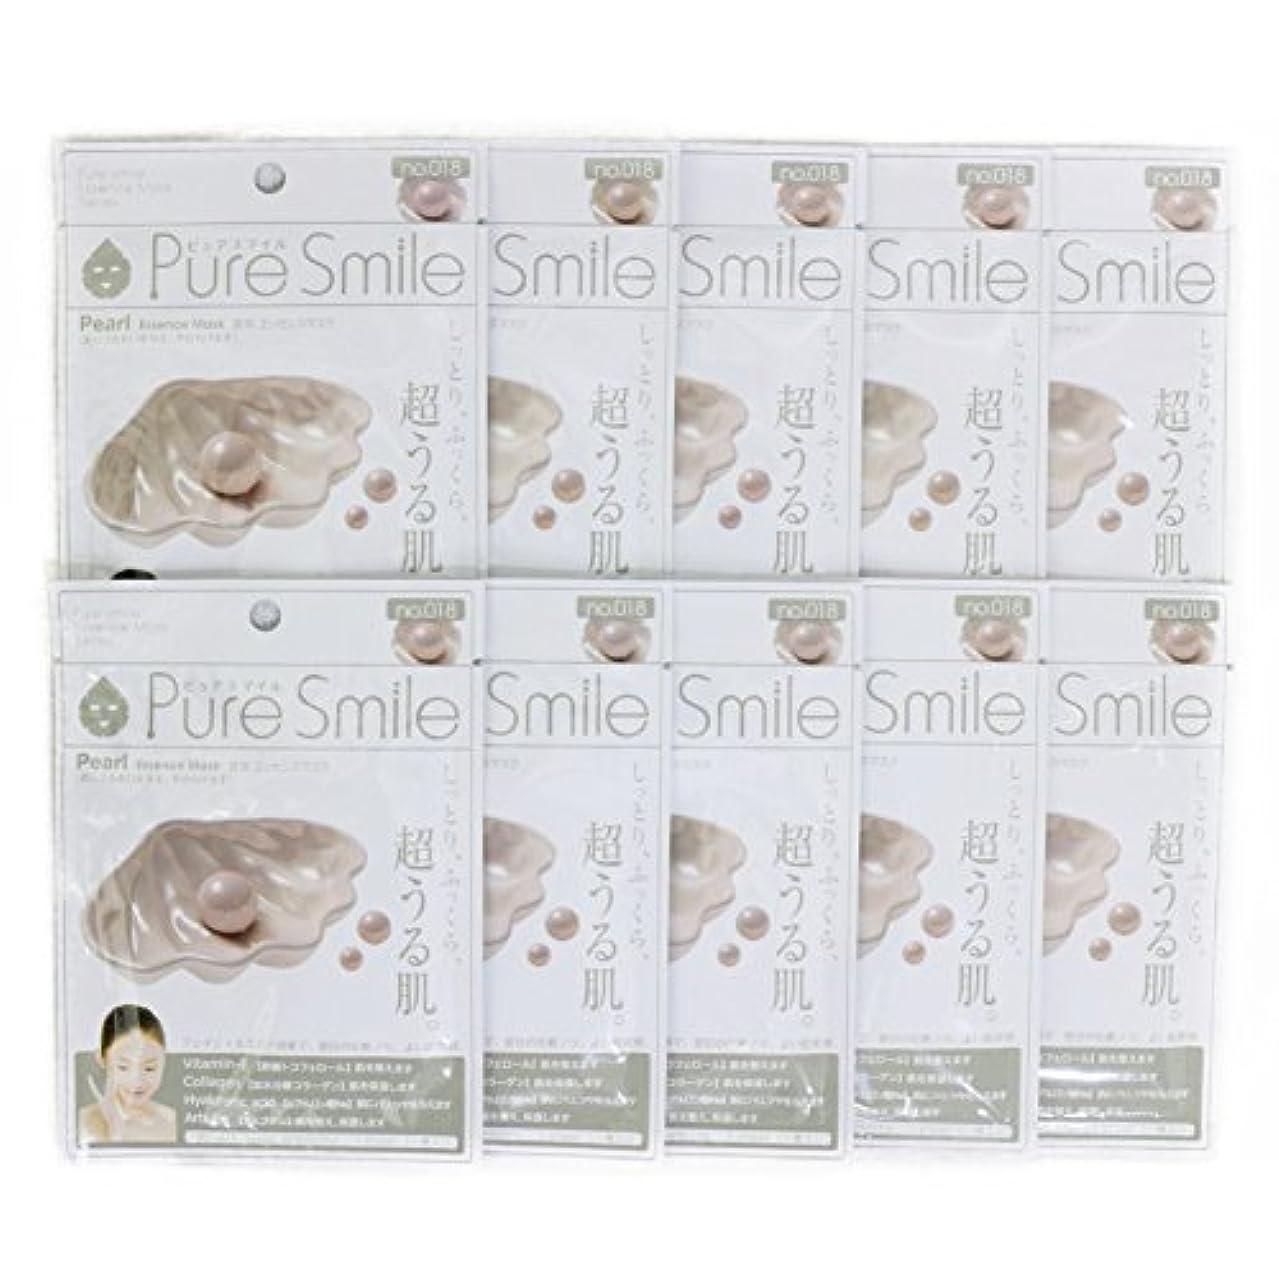 シーボード弱点便宜Pure Smile ピュアスマイル エッセンスマスク 真珠 10枚セット